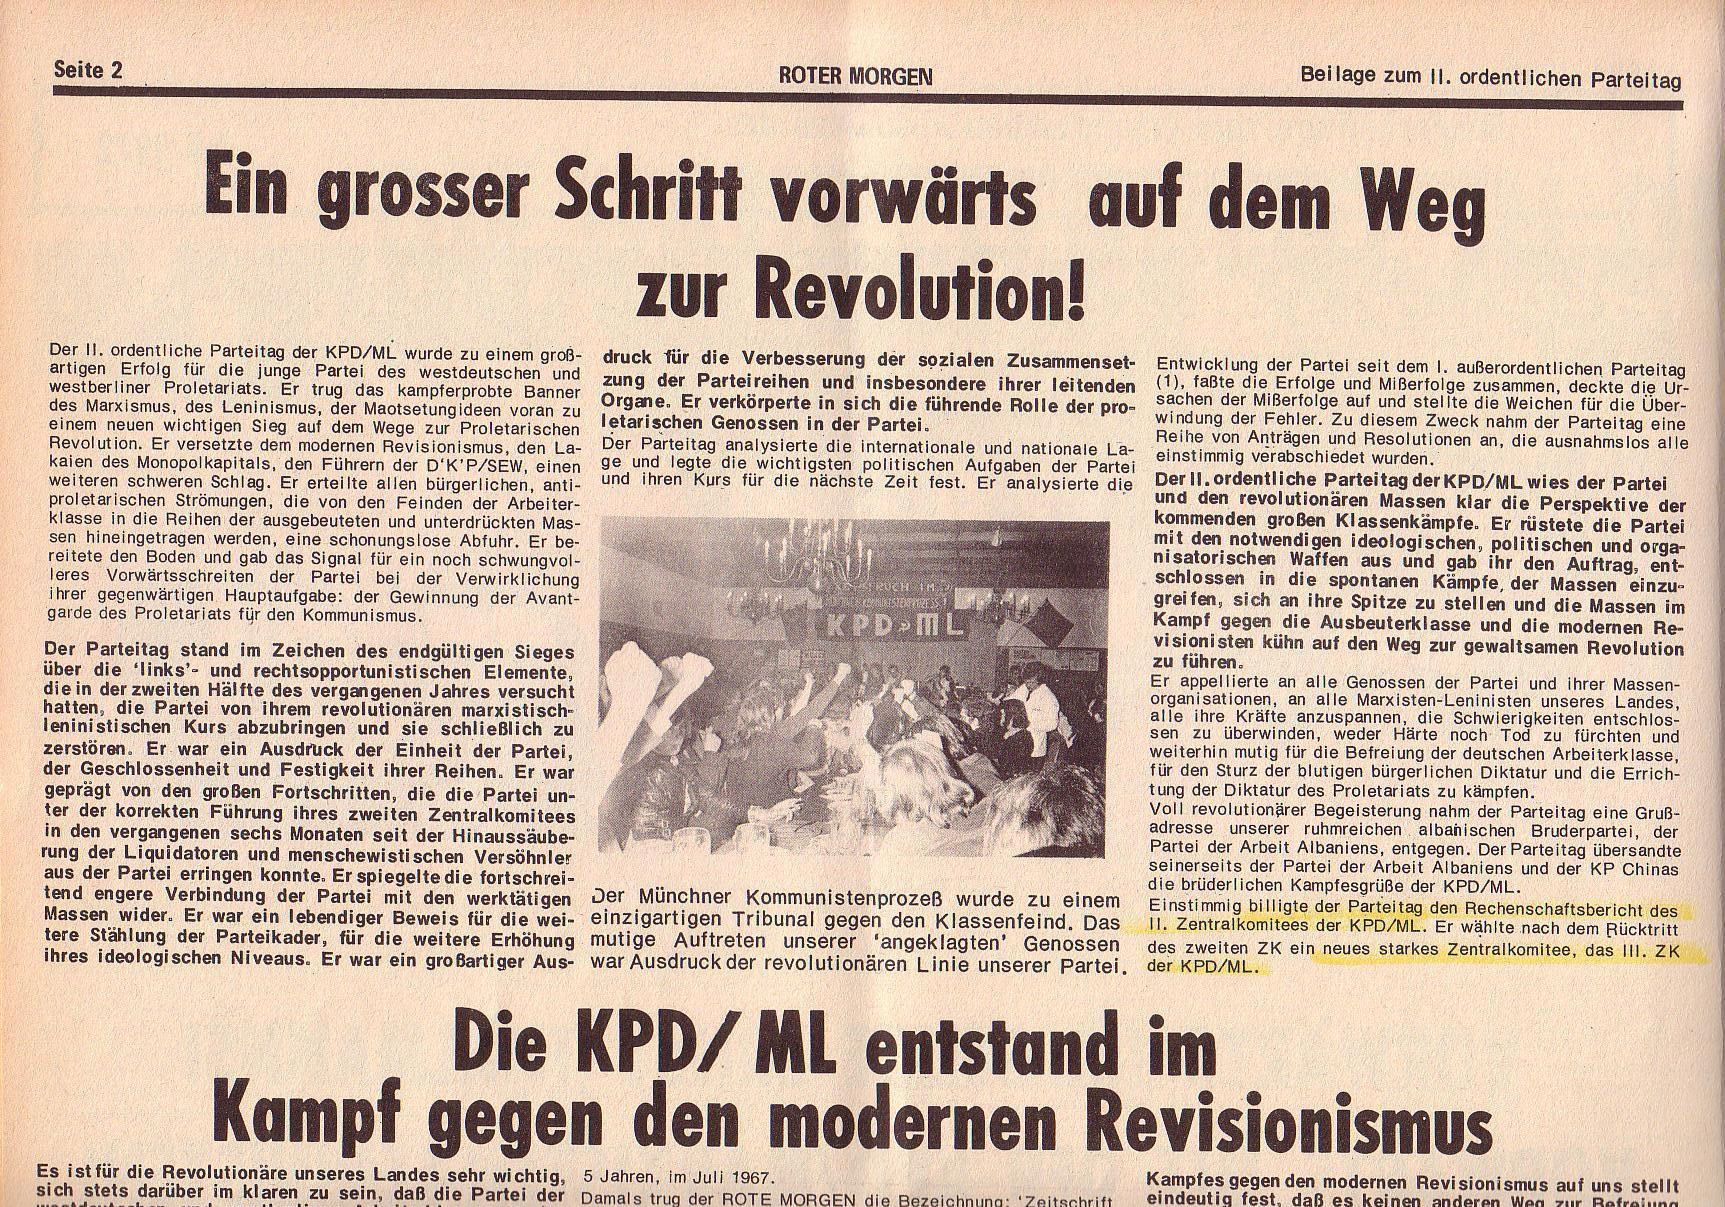 Roter Morgen, 6. Jg., Juli 1972, Sonderbeilage zum II. ordentlichen Parteitag, Seite 2a